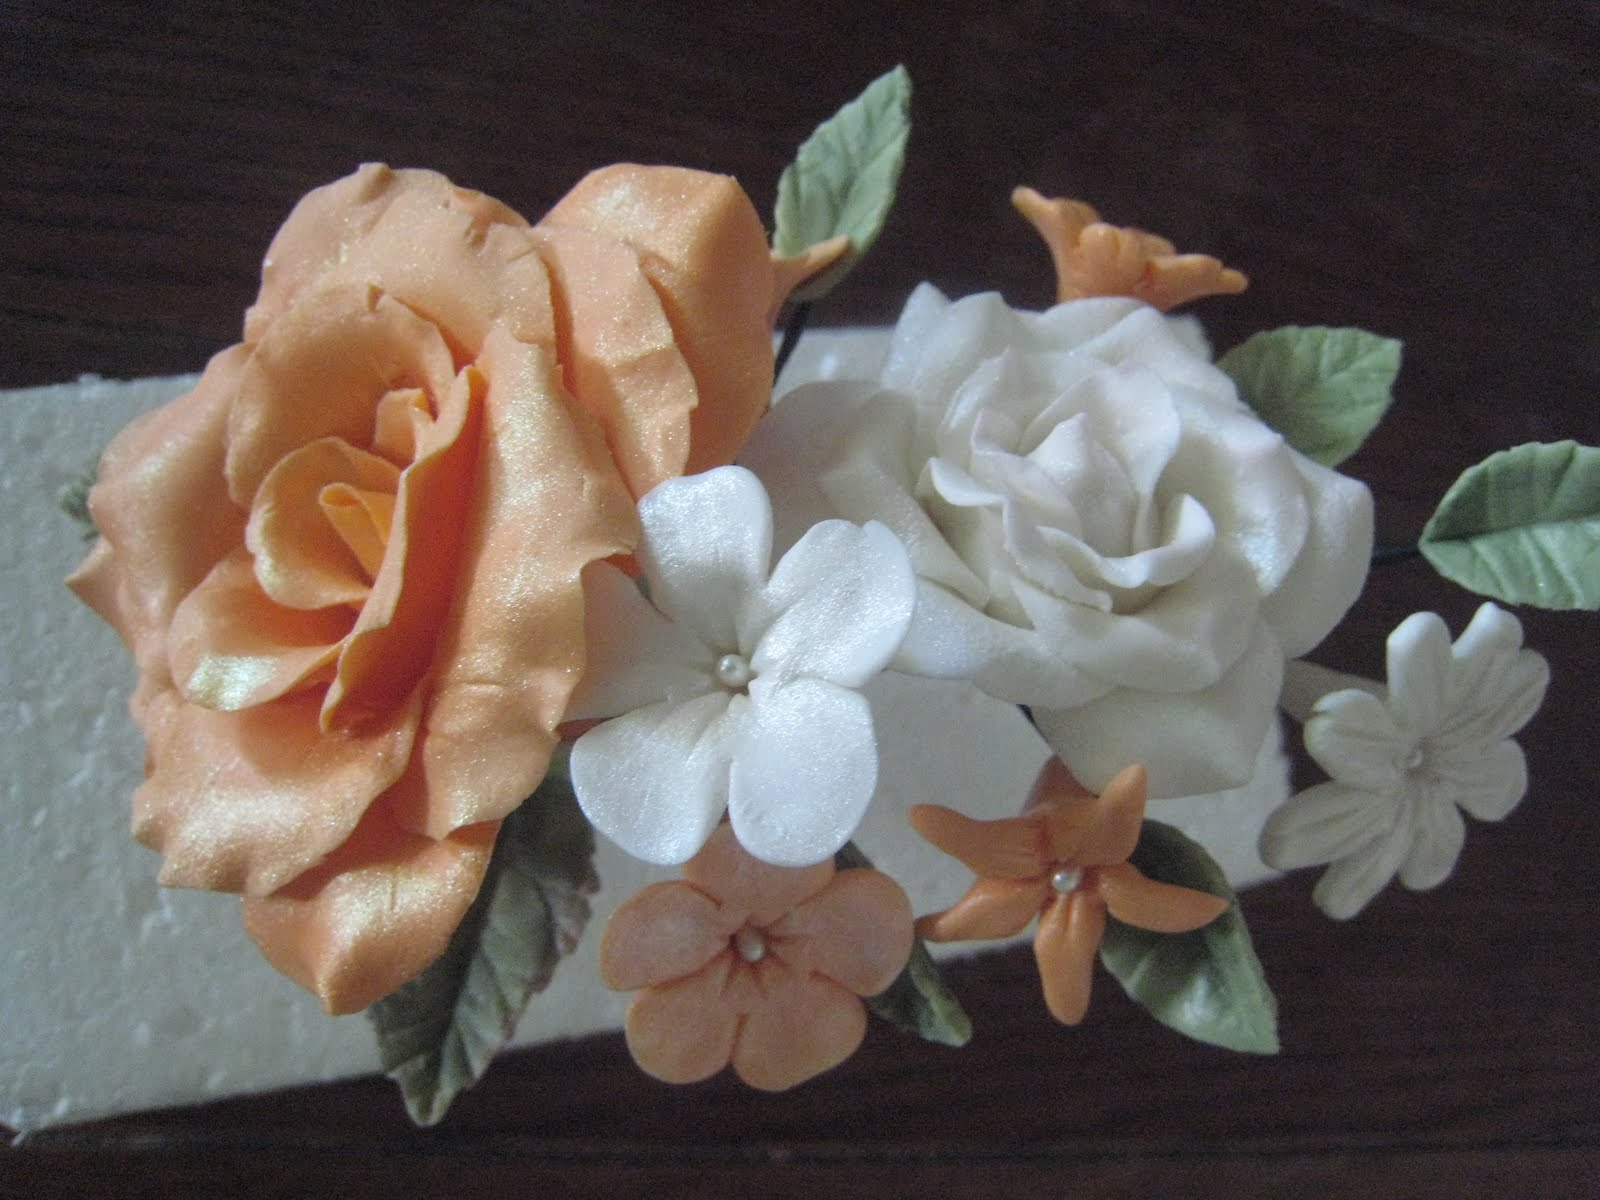 Judy Cakes Sugar Arts: Rose Flower Bouquet Class